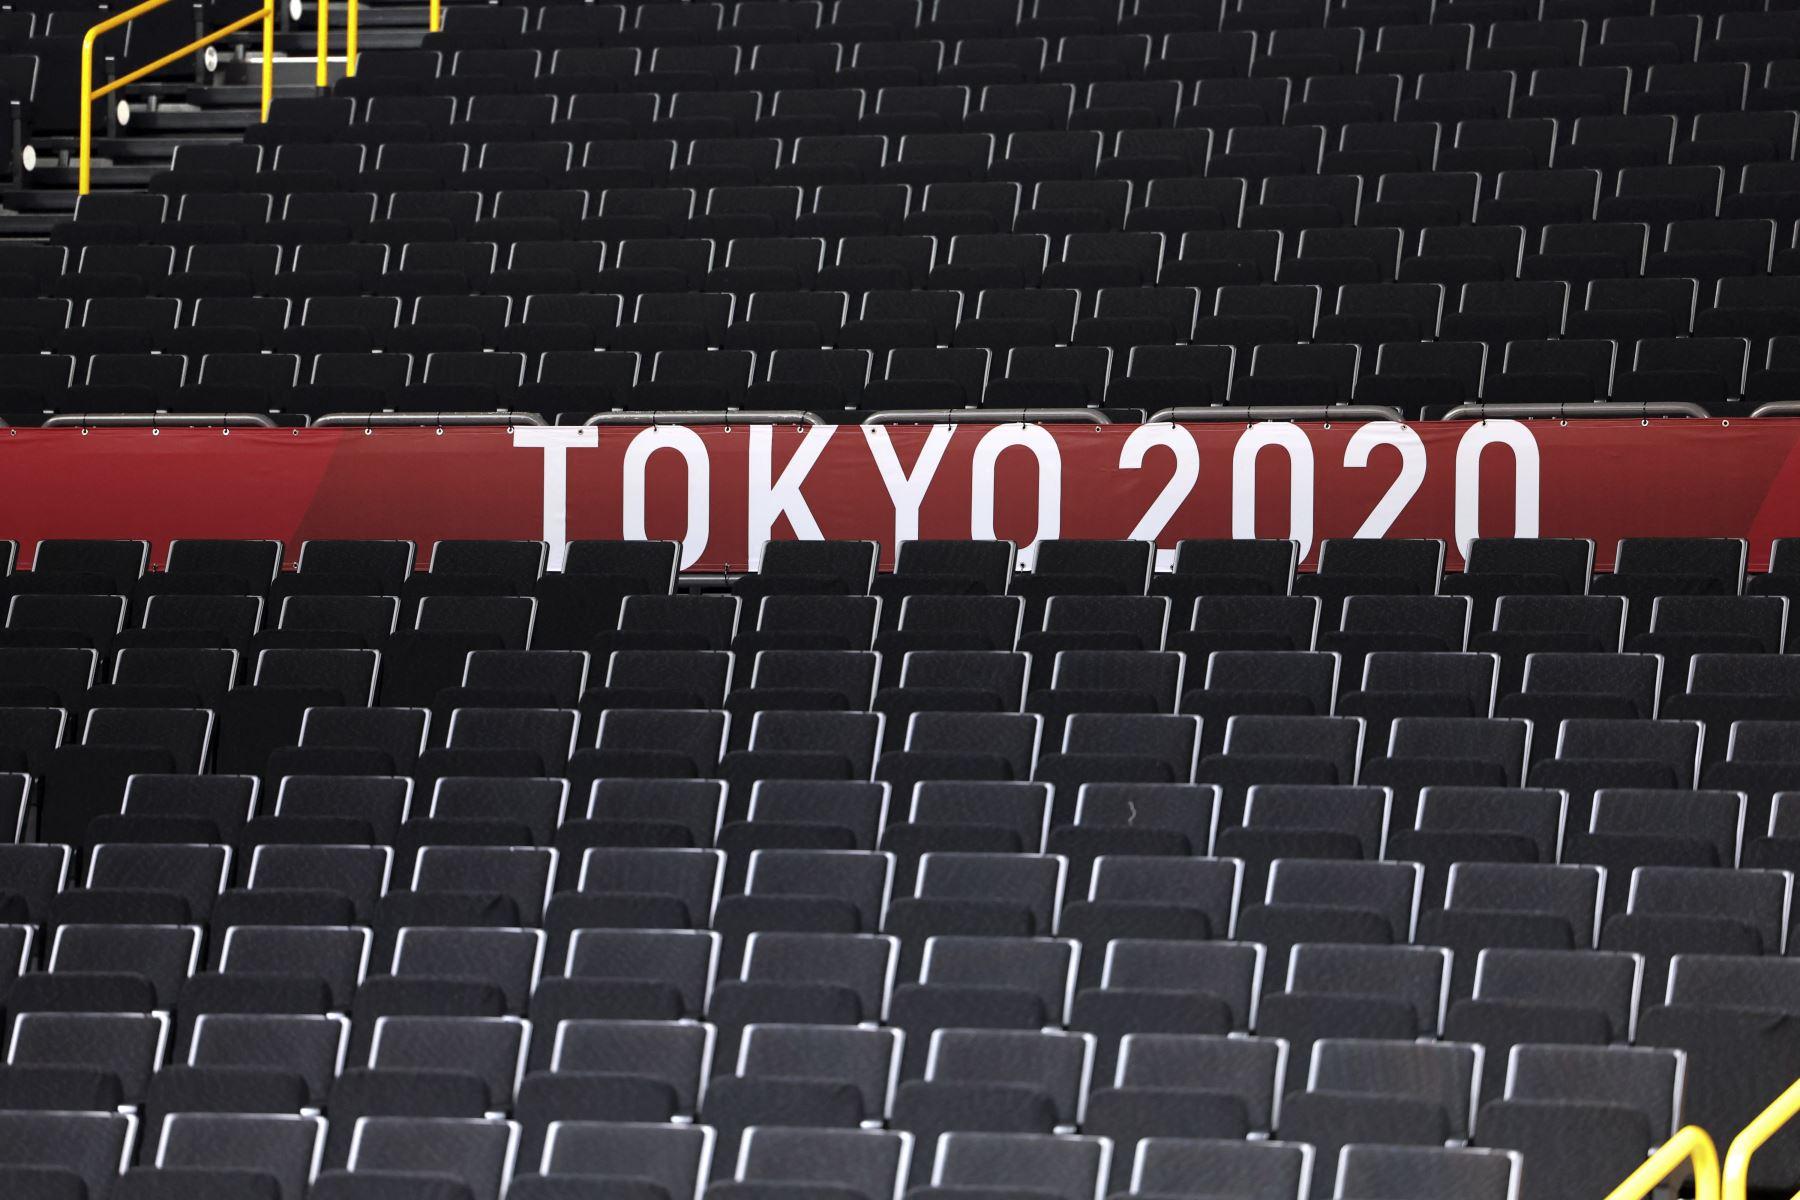 Se ven asientos vacíos durante una sesión de entrenamiento de baloncesto en el Saitama Super Arena en Saitama el 22 de julio de 2021, antes de los Juegos Olímpicos de Tokio 2020.